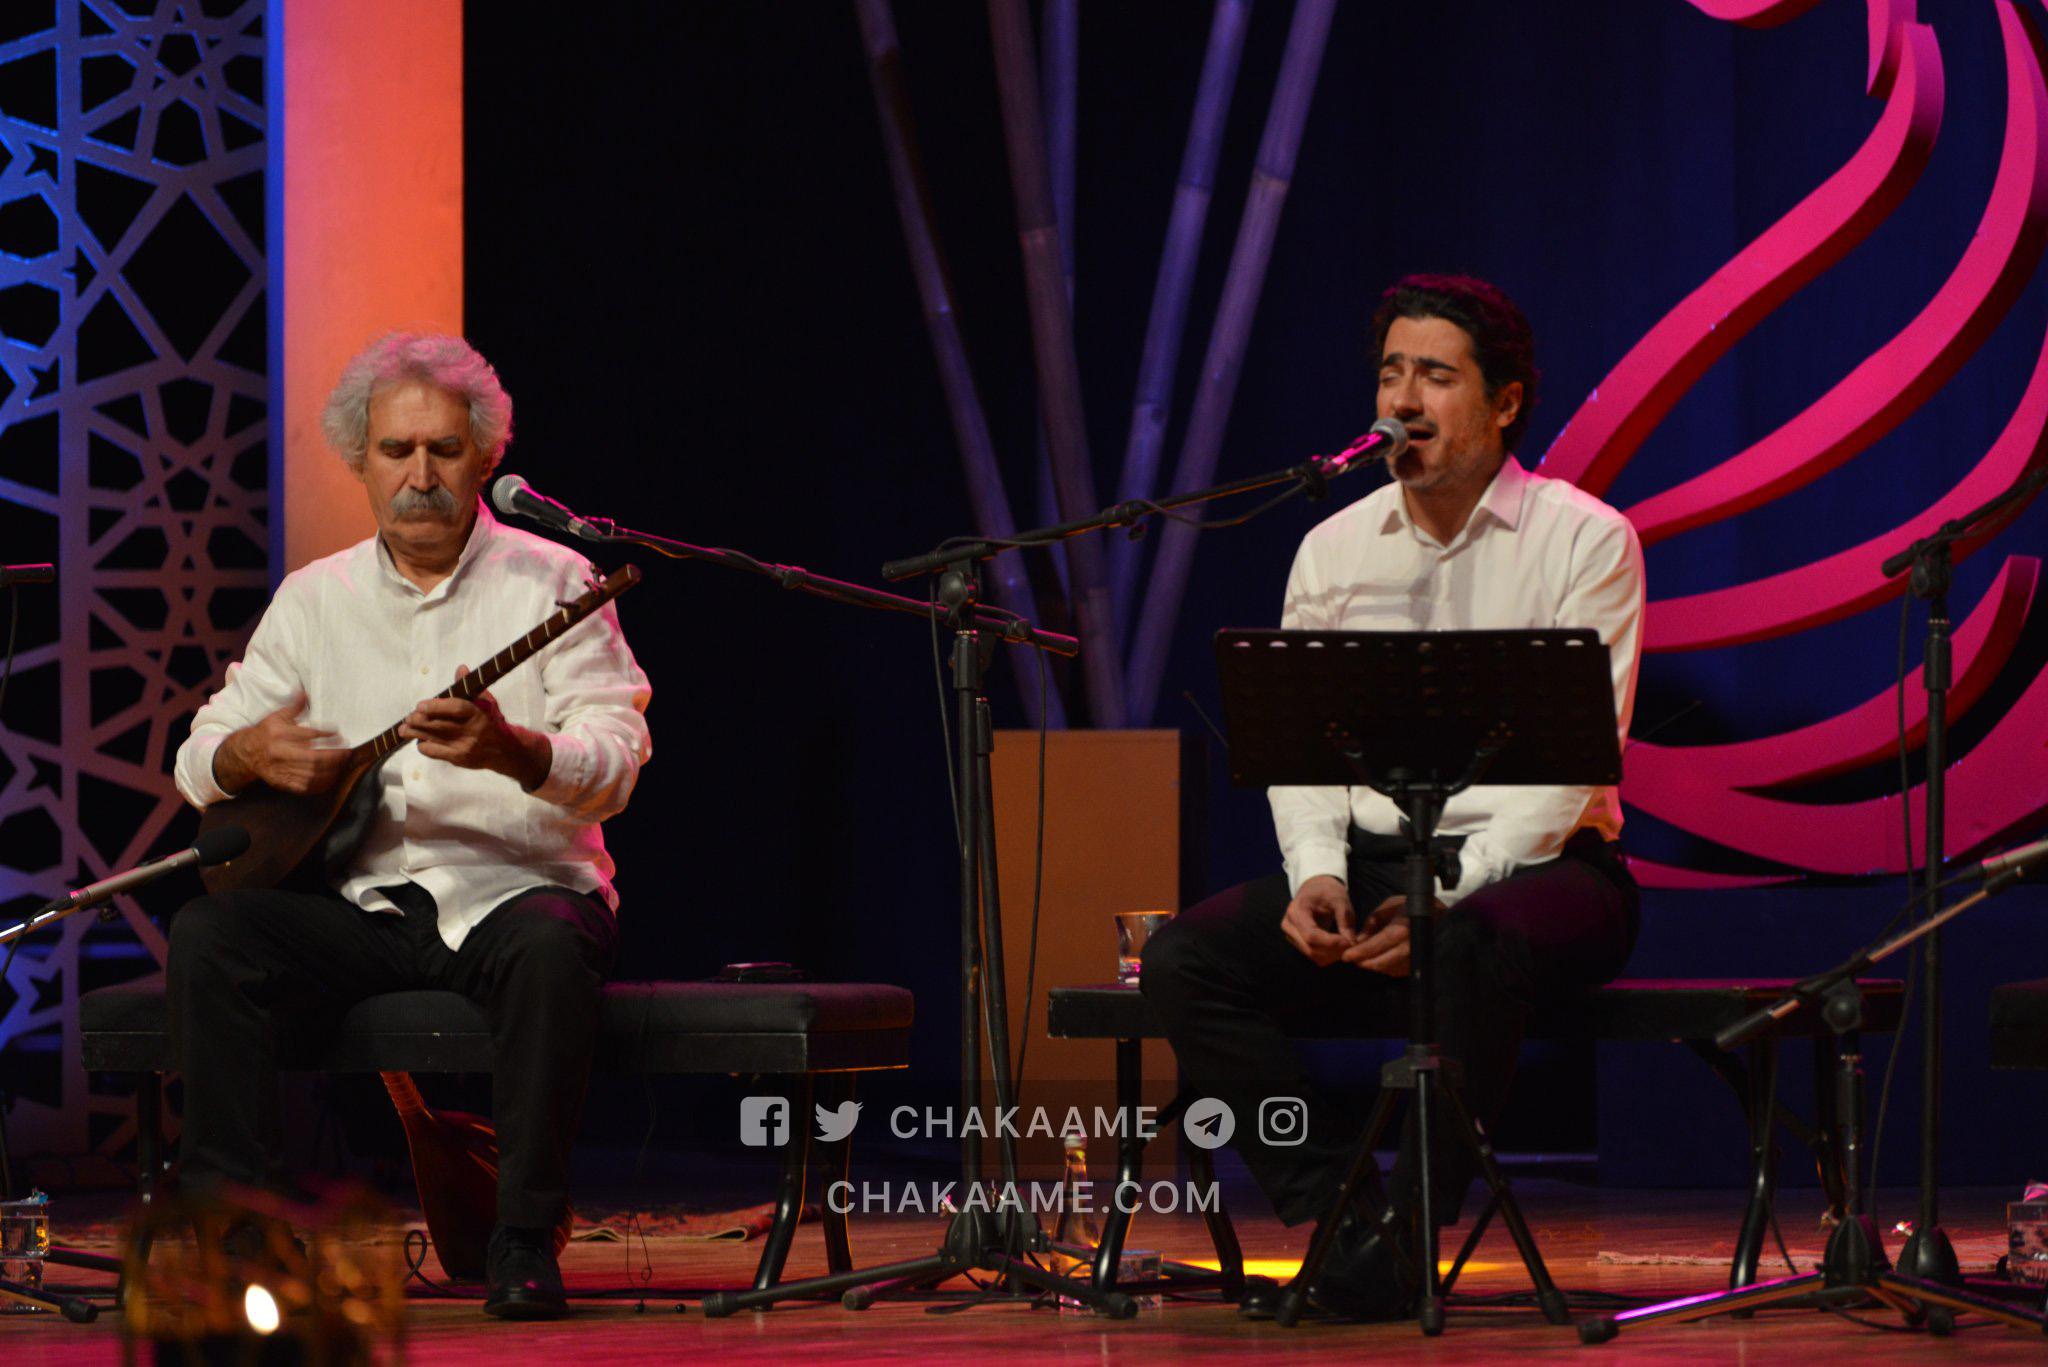 کنسرت همایون شجریان و گروه شمس در قونیه